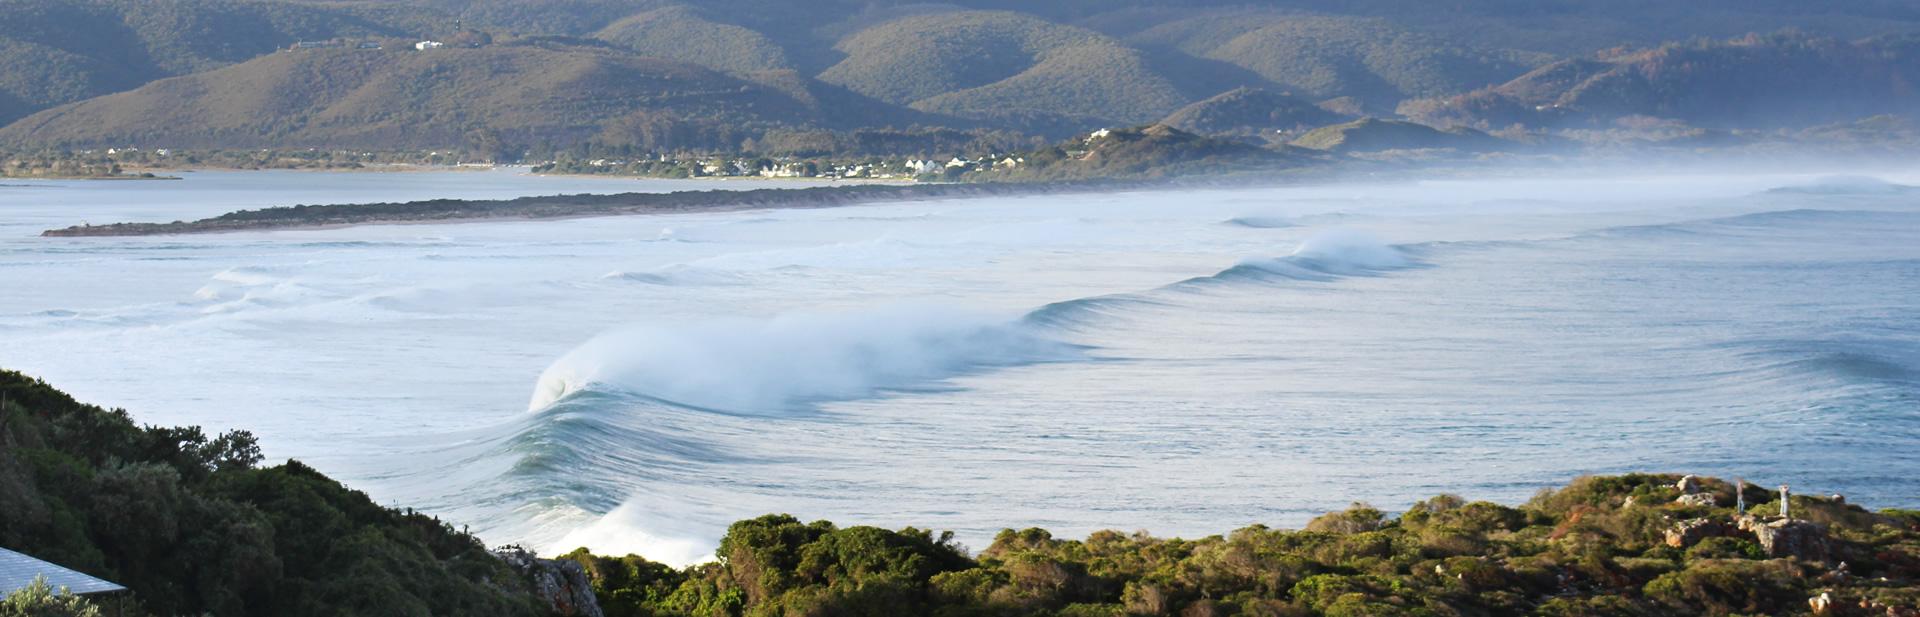 Waves in Plett in winter